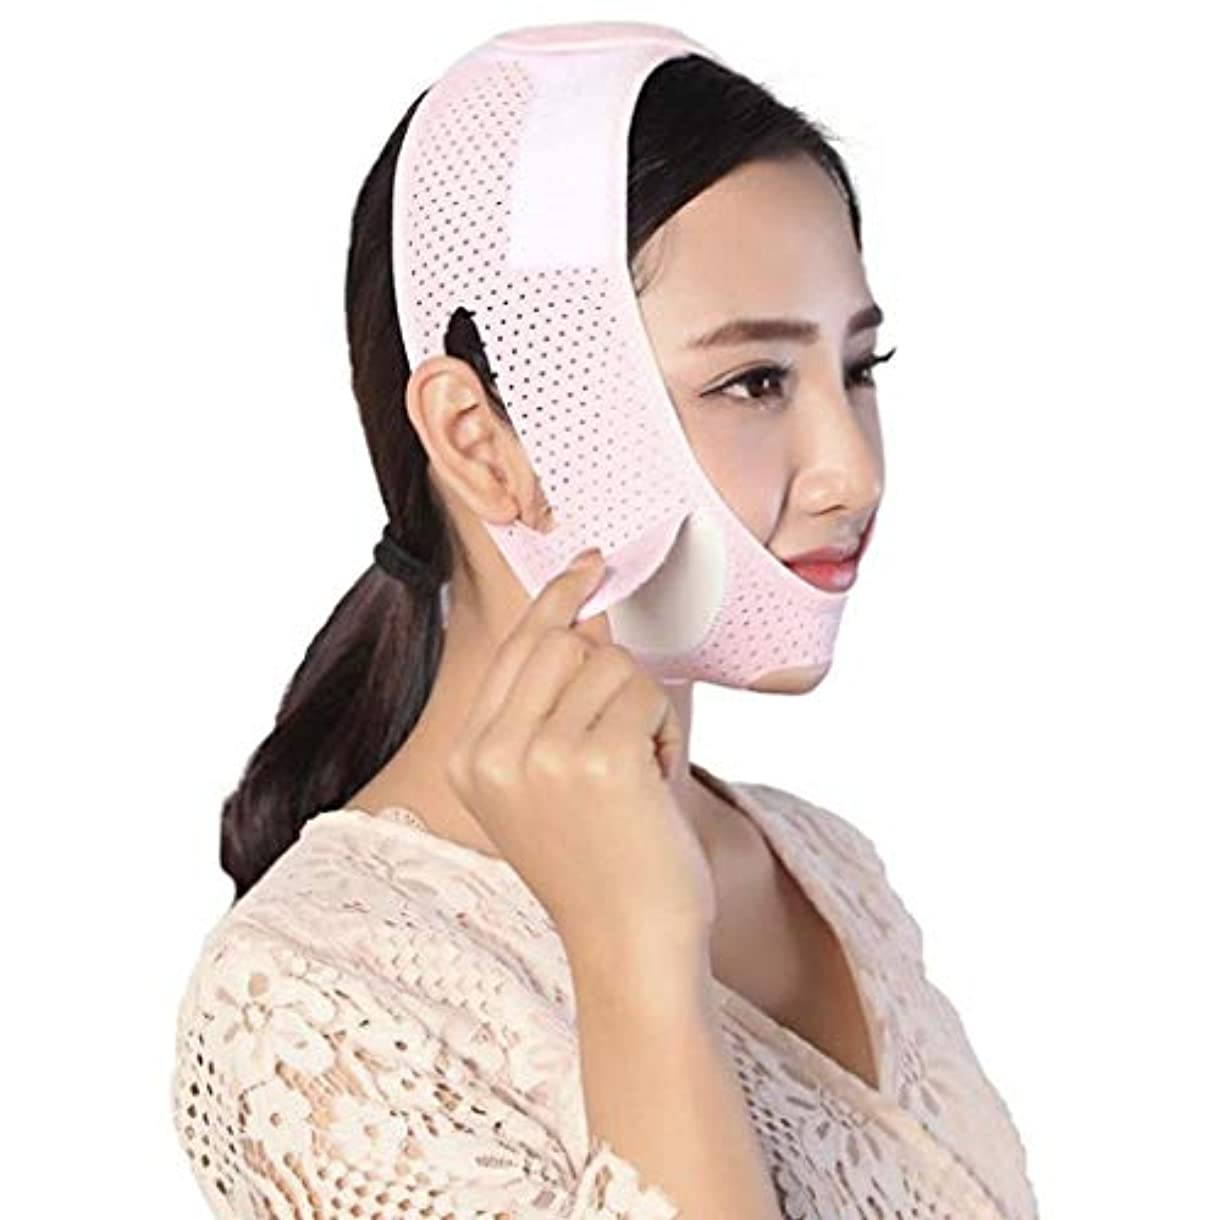 剥ぎ取る最終的にお風呂Vフェイスリフティング痩身Vフェイスマスクフルカバレッジ包帯減らす顔の二重あごケア減量美容ベルト通気性